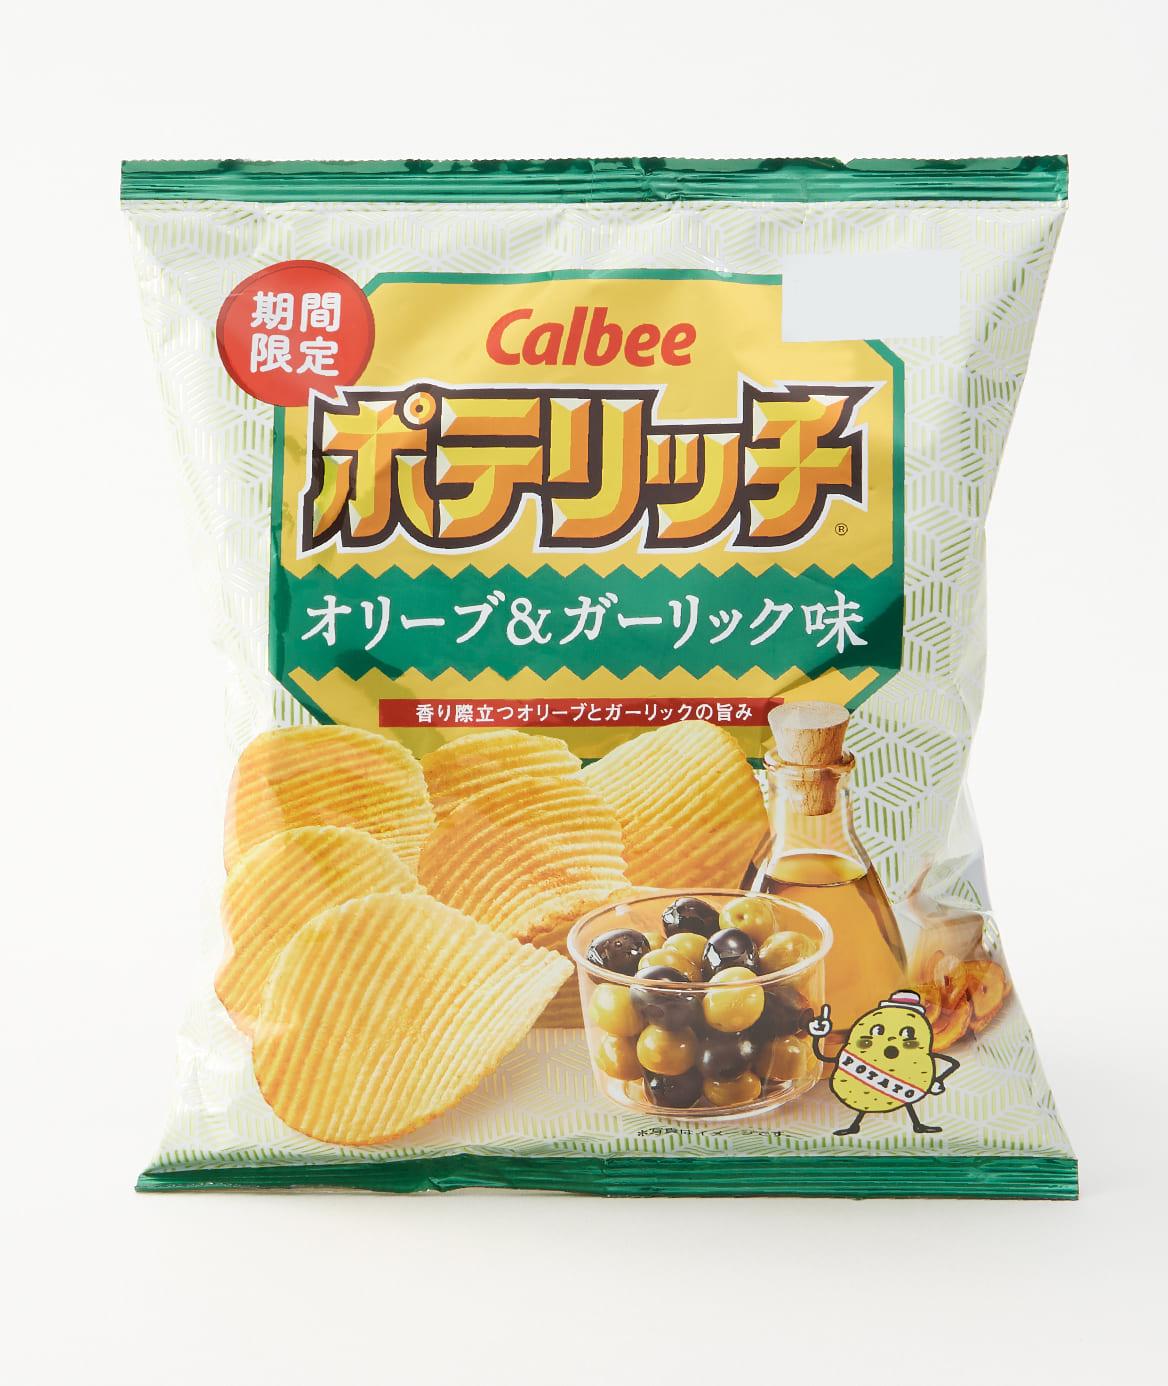 カルビー-ポテリッチオリーブ&ガーリック味のパッケージ